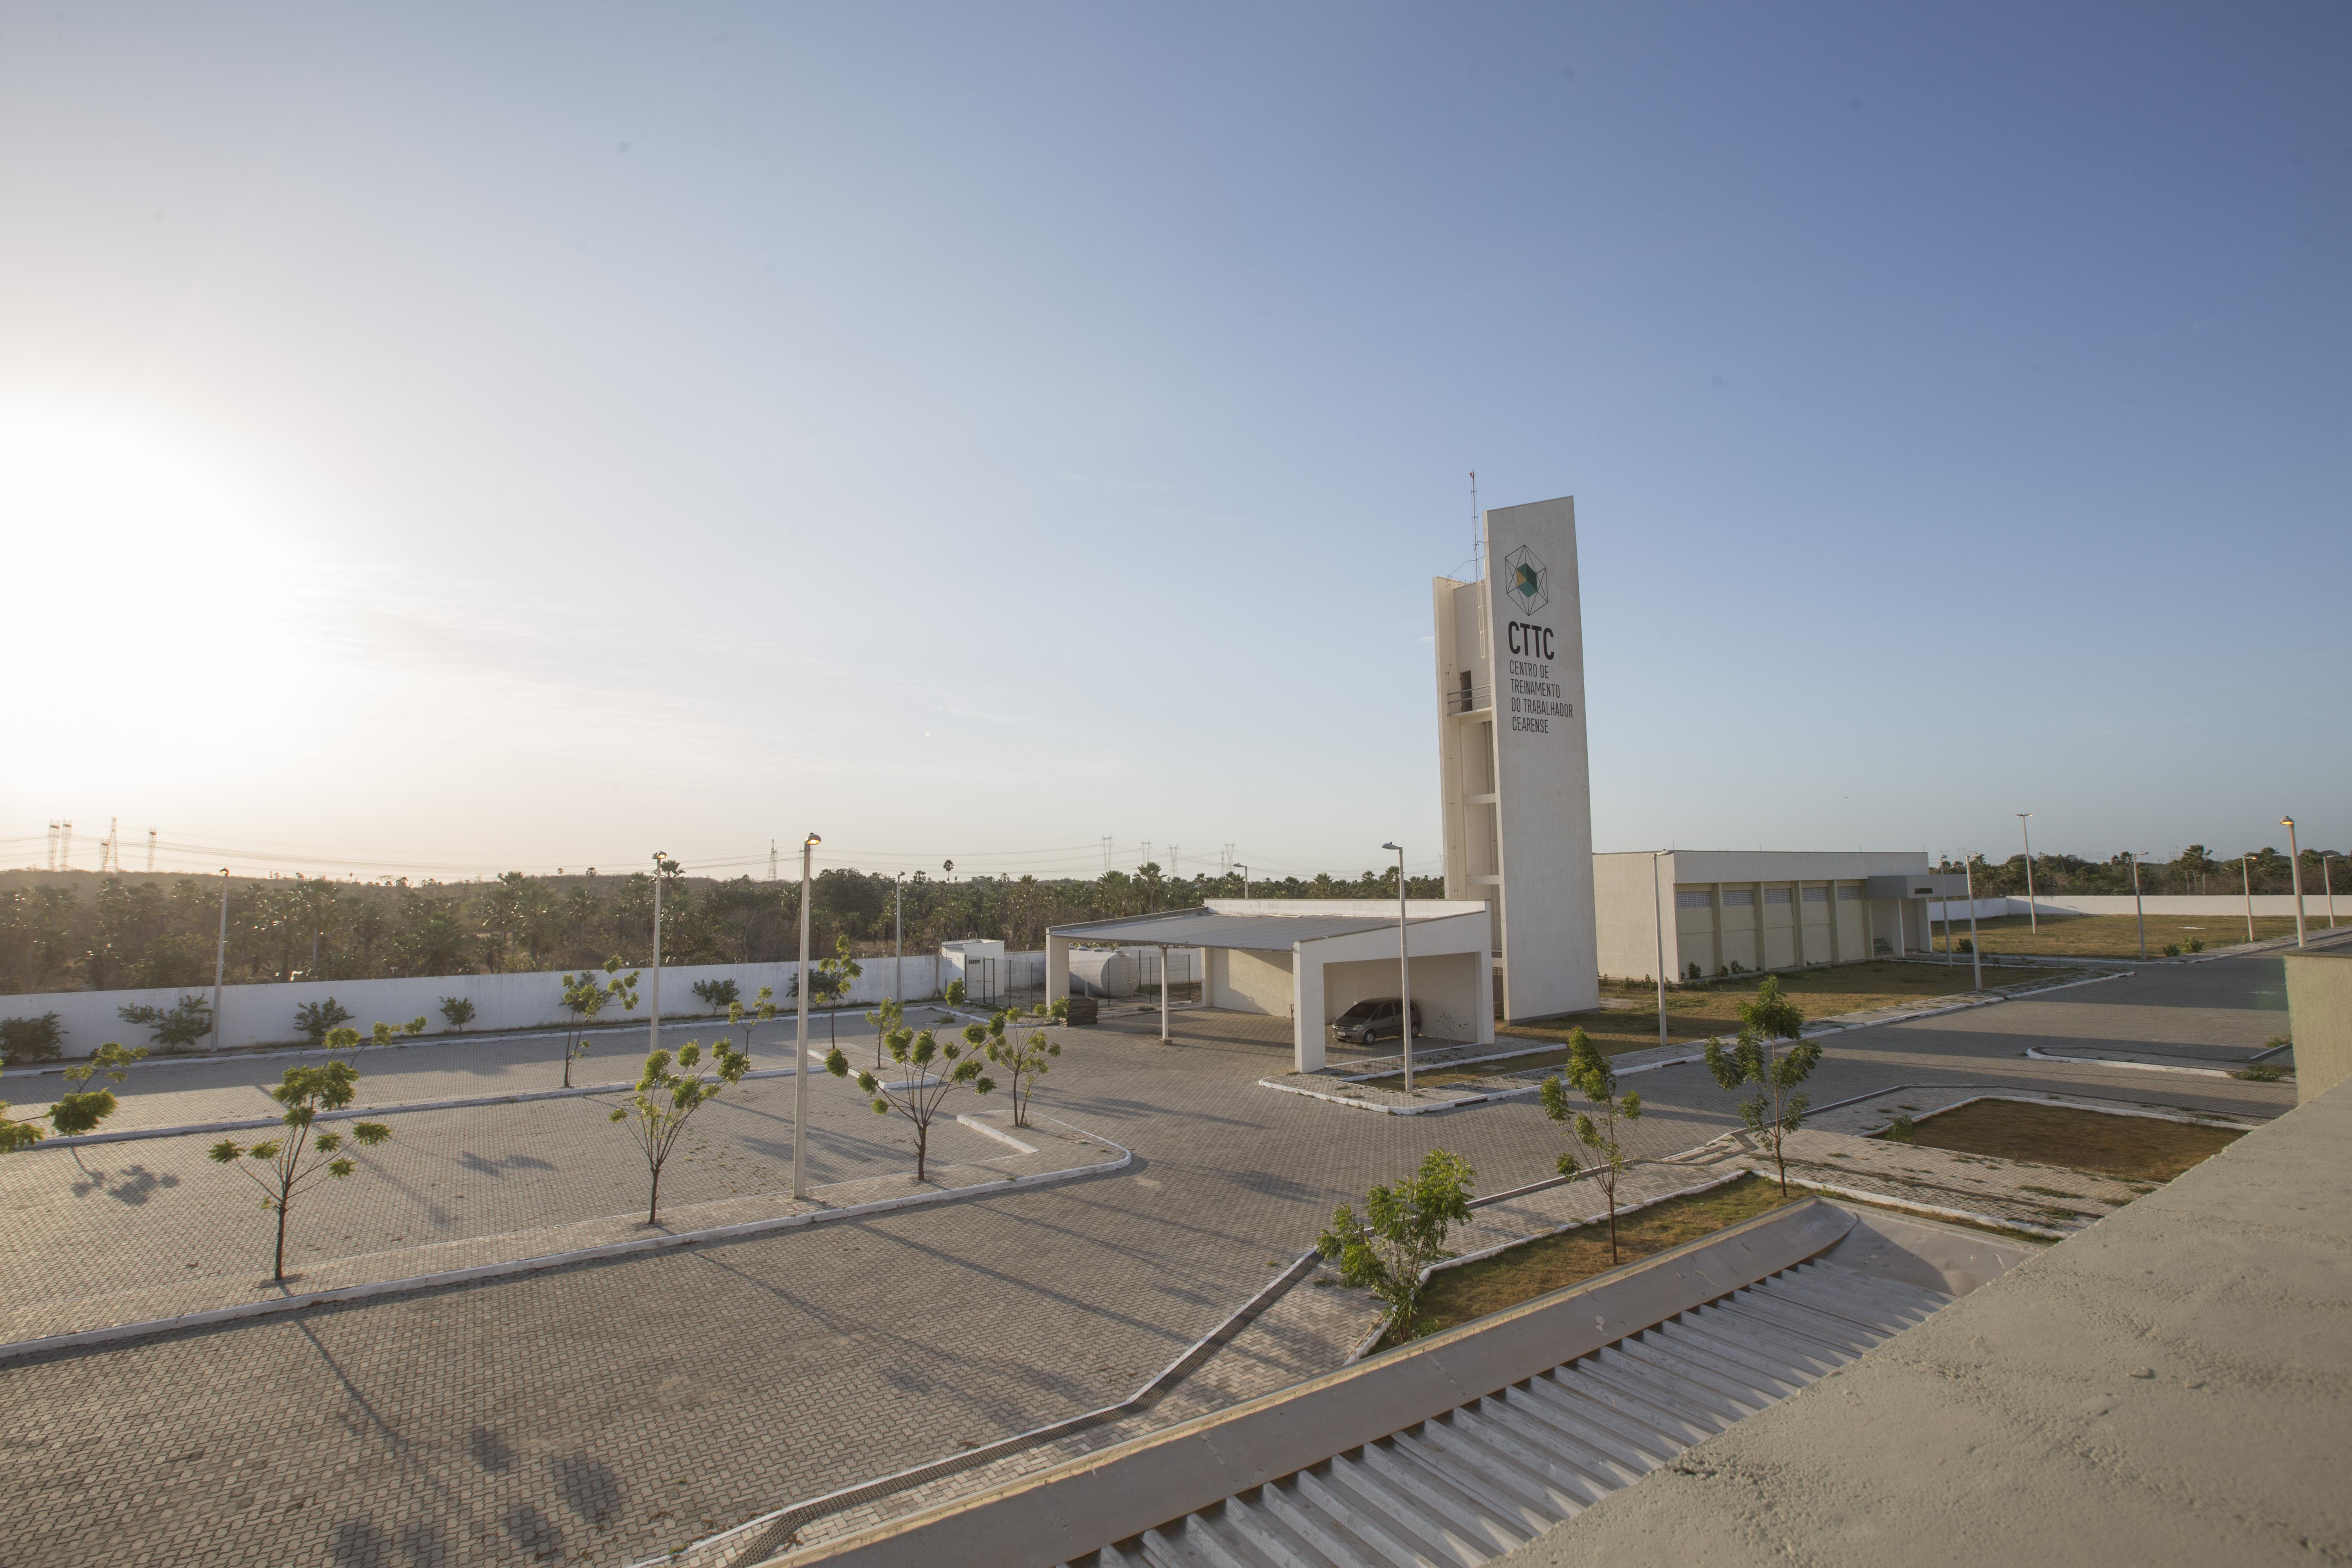 O Centro de Treinamento do Trabalhador Cearense (CTTC) Lauro de Oliveira Lima, em Caucaia, é importante equipamento de promoção da qualificação profissional para o Complexo Industrial e Portuário do Pecém. Foto: Tiago Stille